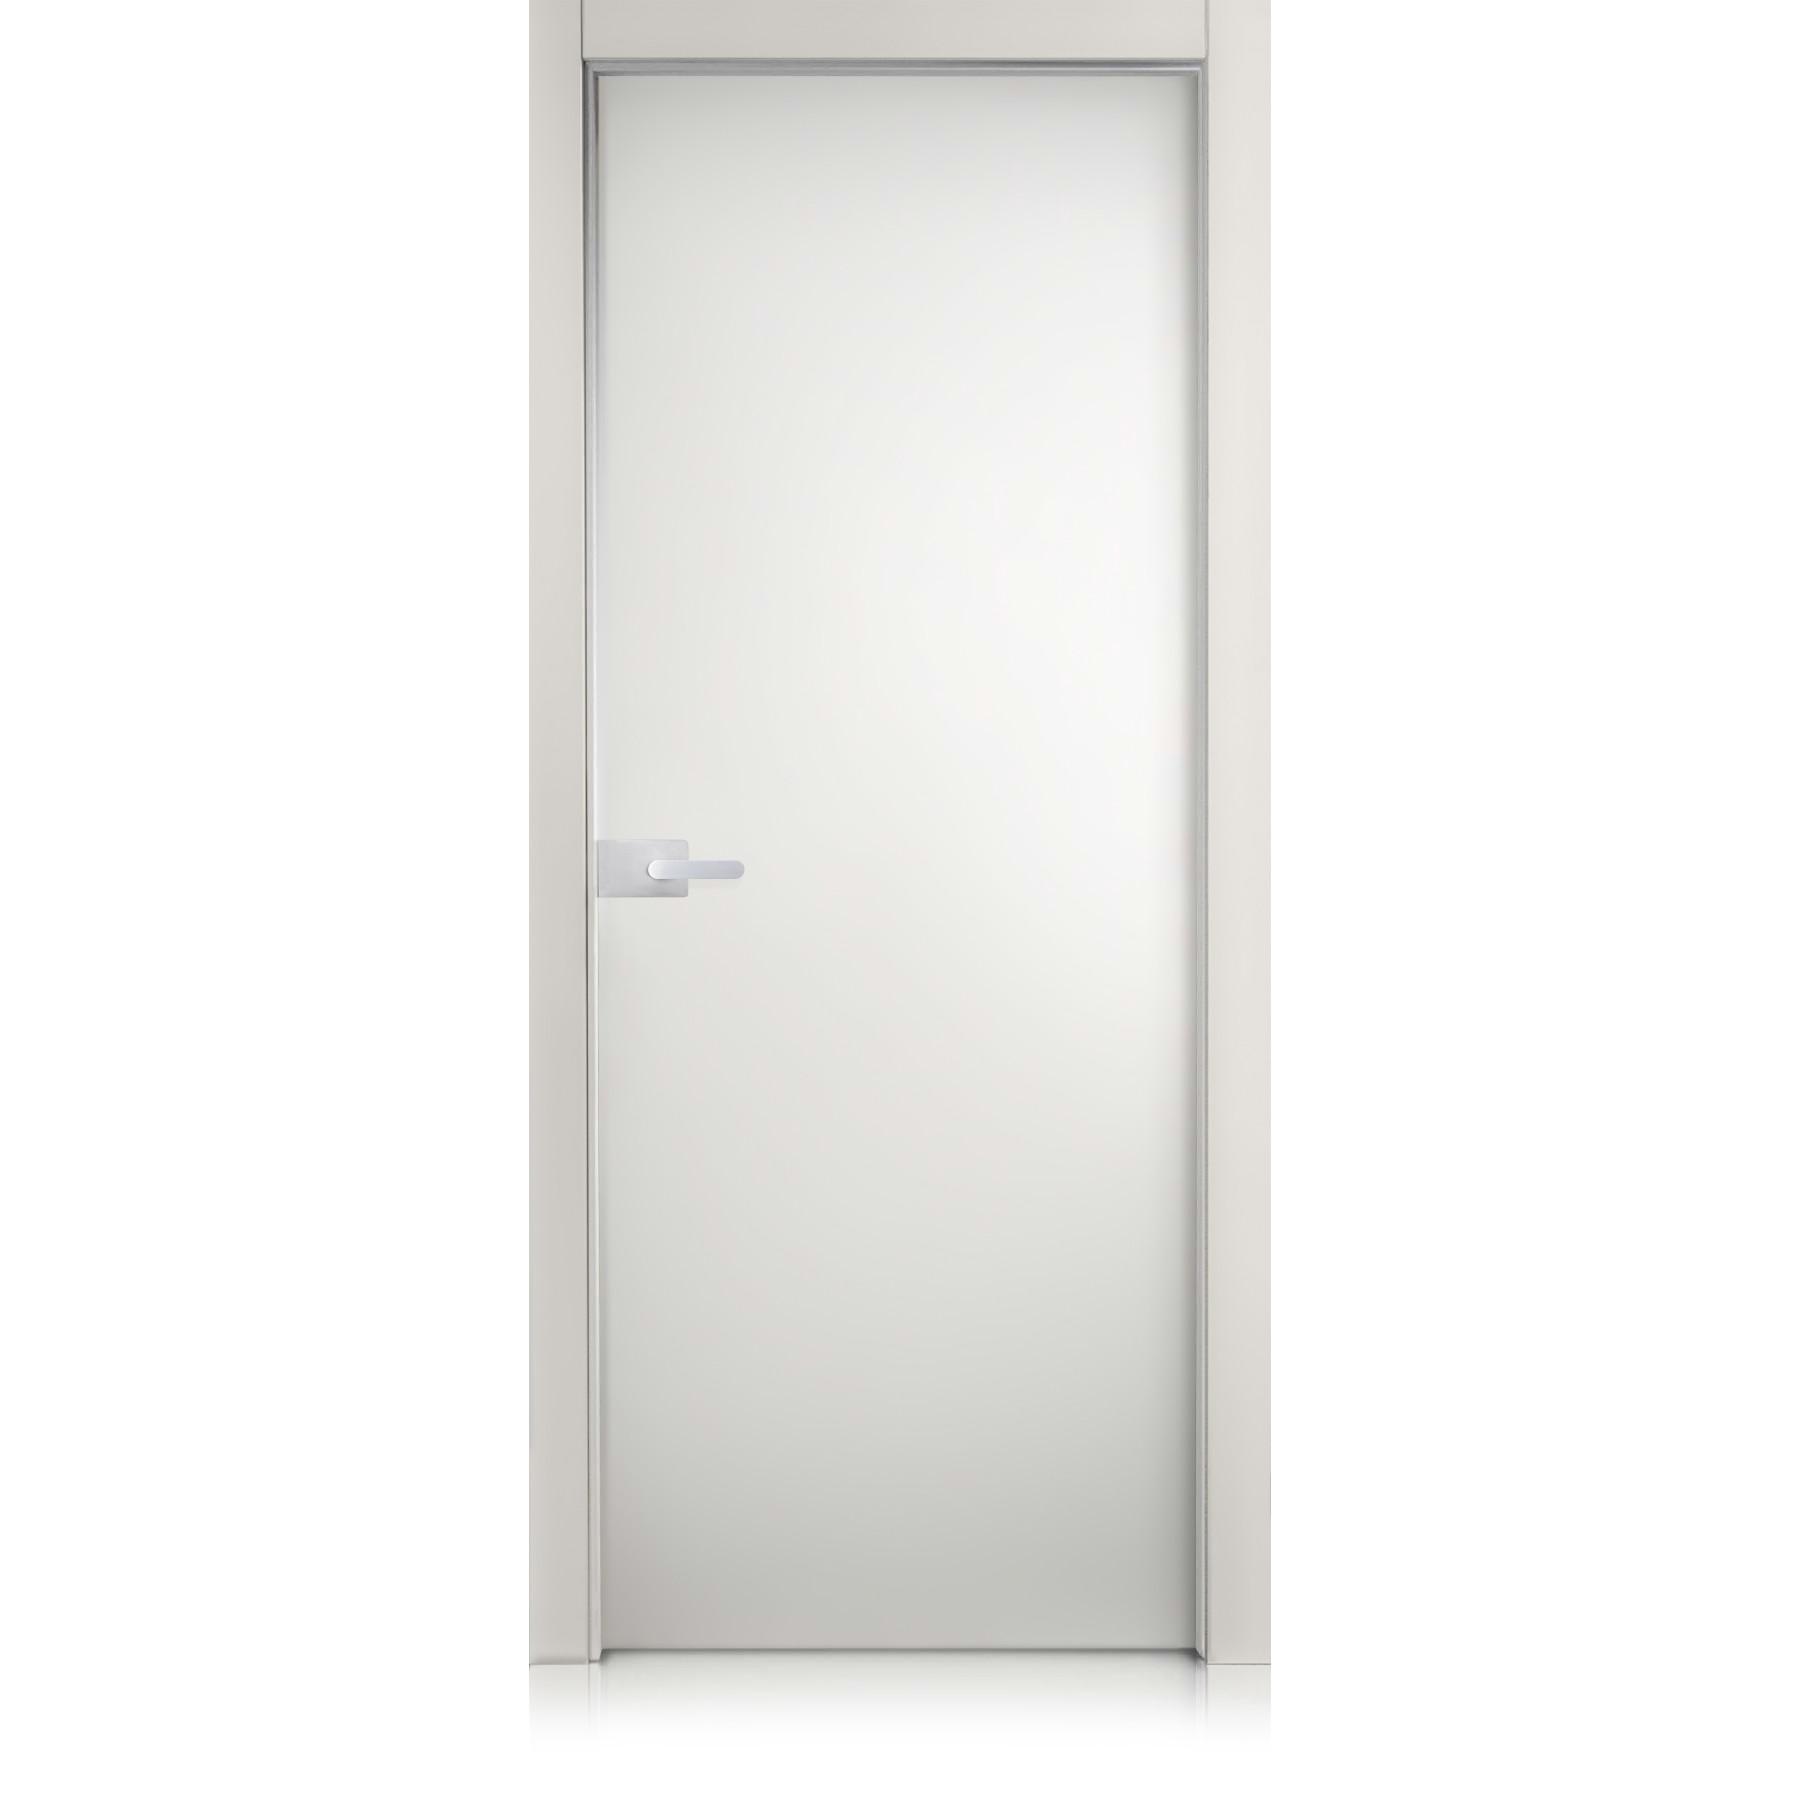 Porte Cristal Basic grigio lux